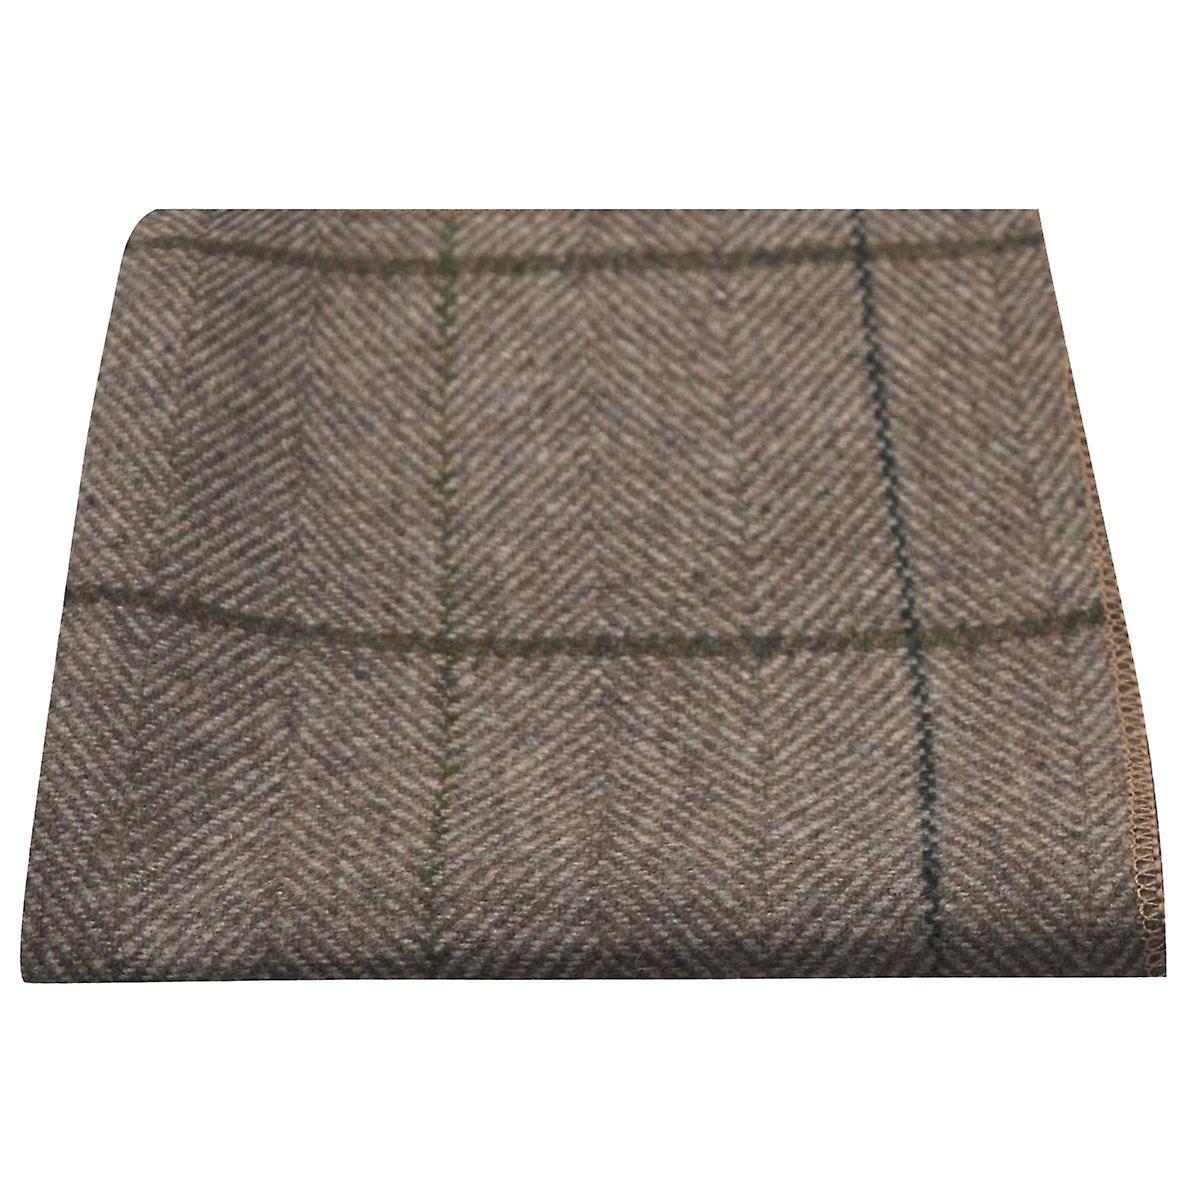 Luxury Peanut Brown Herringbone Check Pocket Square, Handkerchief, Tweed